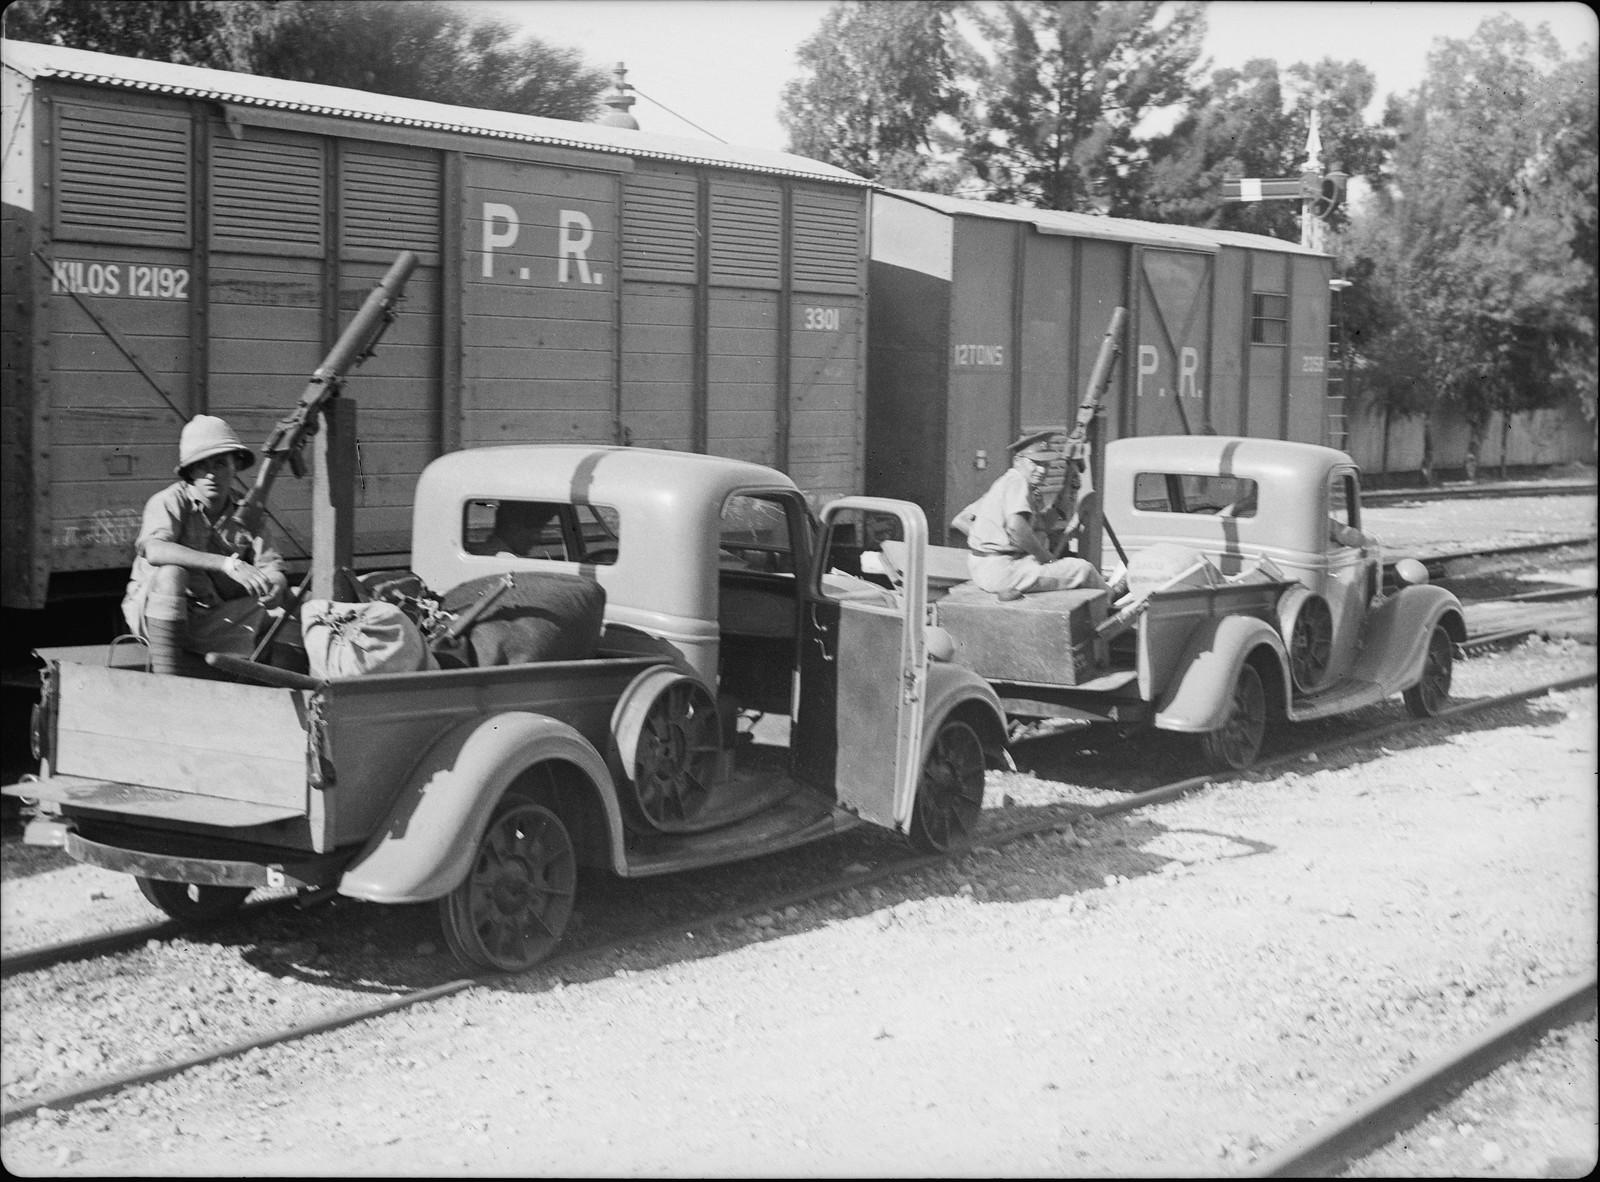 Новые машины с пулеметами были размещены на железнодорожных путях для патрулирования